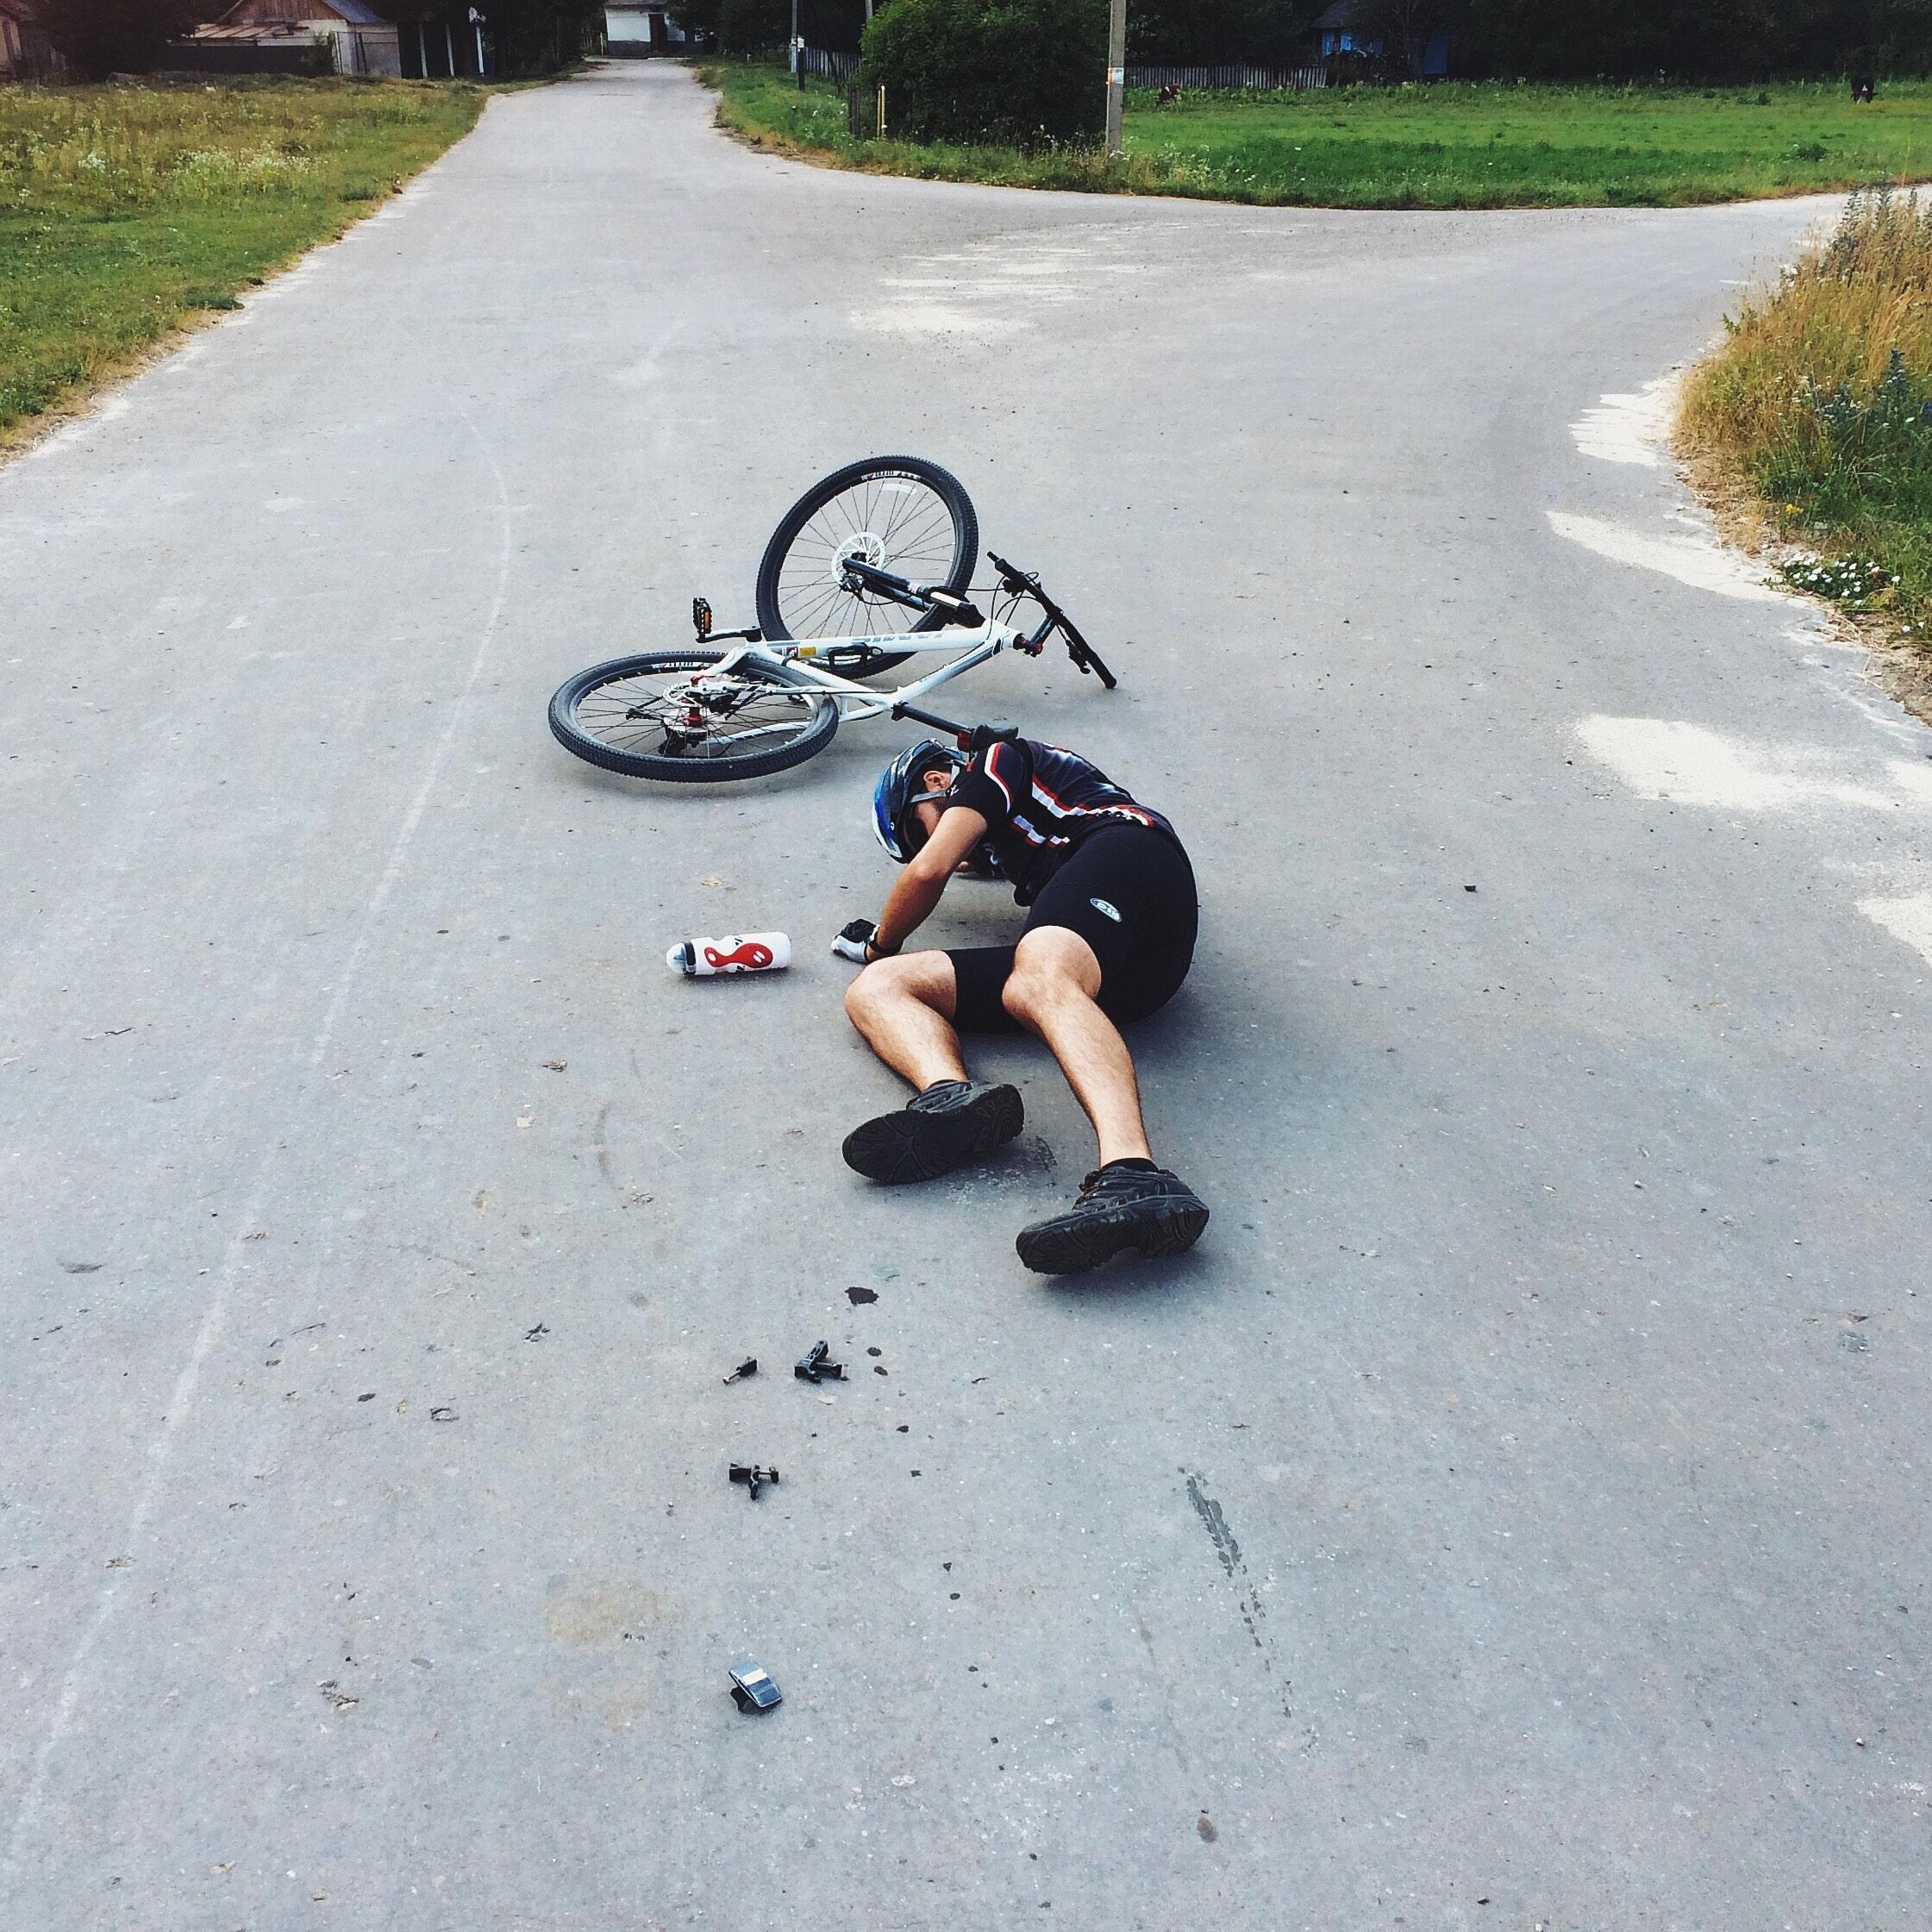 自転車 ドラレコ 事故